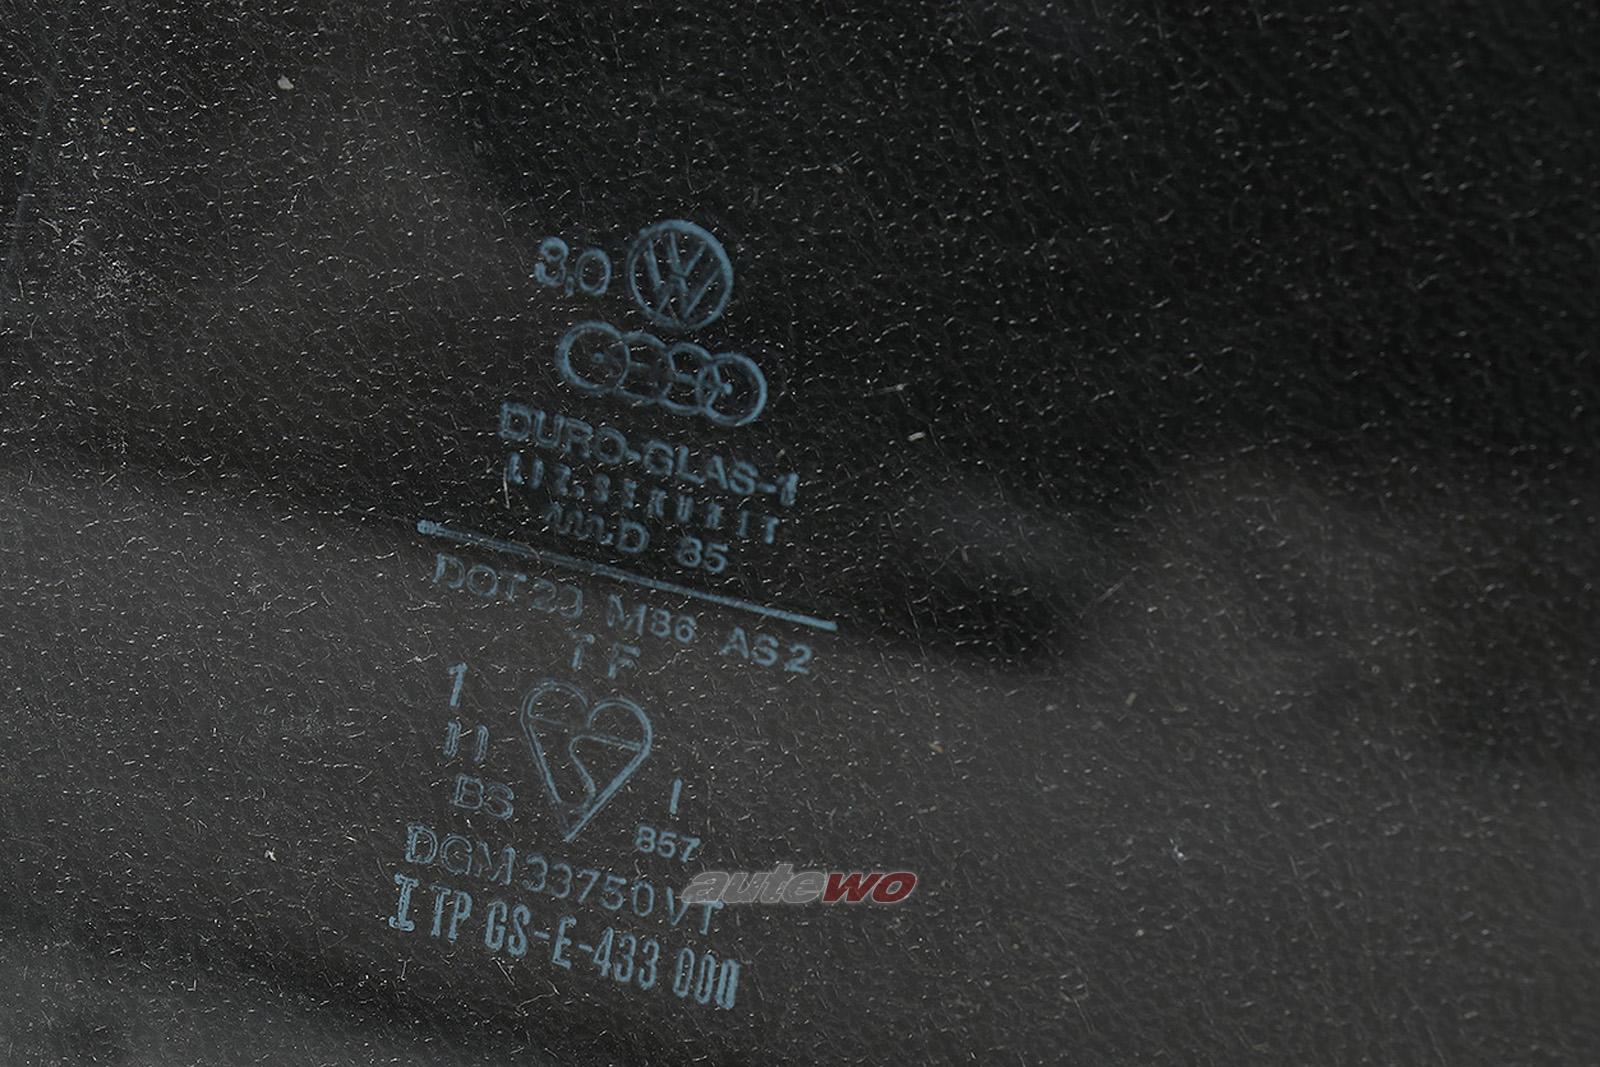 855845301 Audi Coupe Typ 81/85/Urquattro Seitenscheibe Hinten Links klar